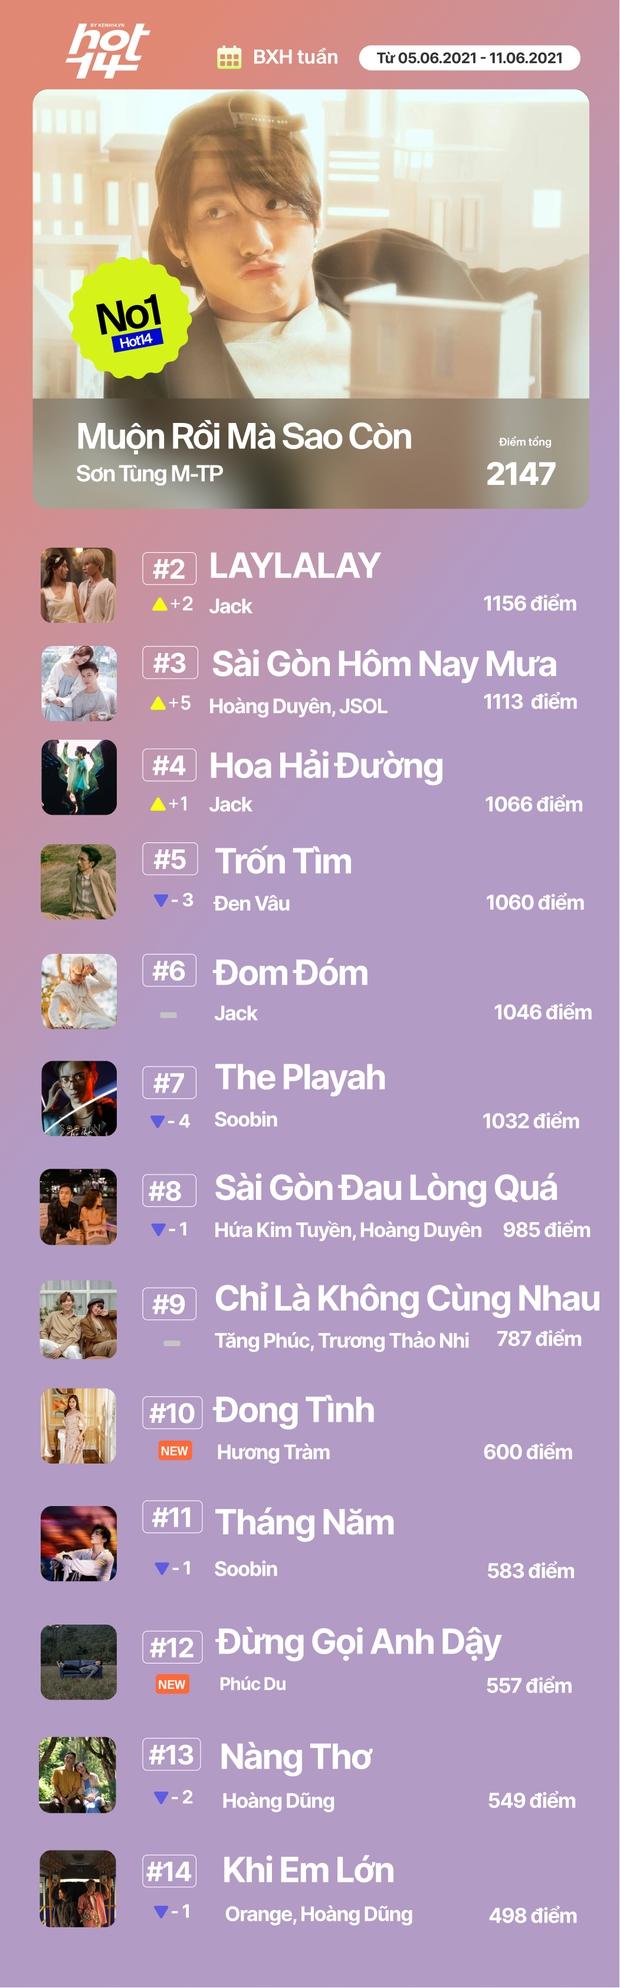 Sài Gòn Hôm Nay Mưa của Hoàng Duyên tiến thẳng #3, Jack có thể lấy lại No.1 thiết lập nhiều tuần của Sơn Tùng M-TP trên HOT14 Weekly? - Ảnh 18.